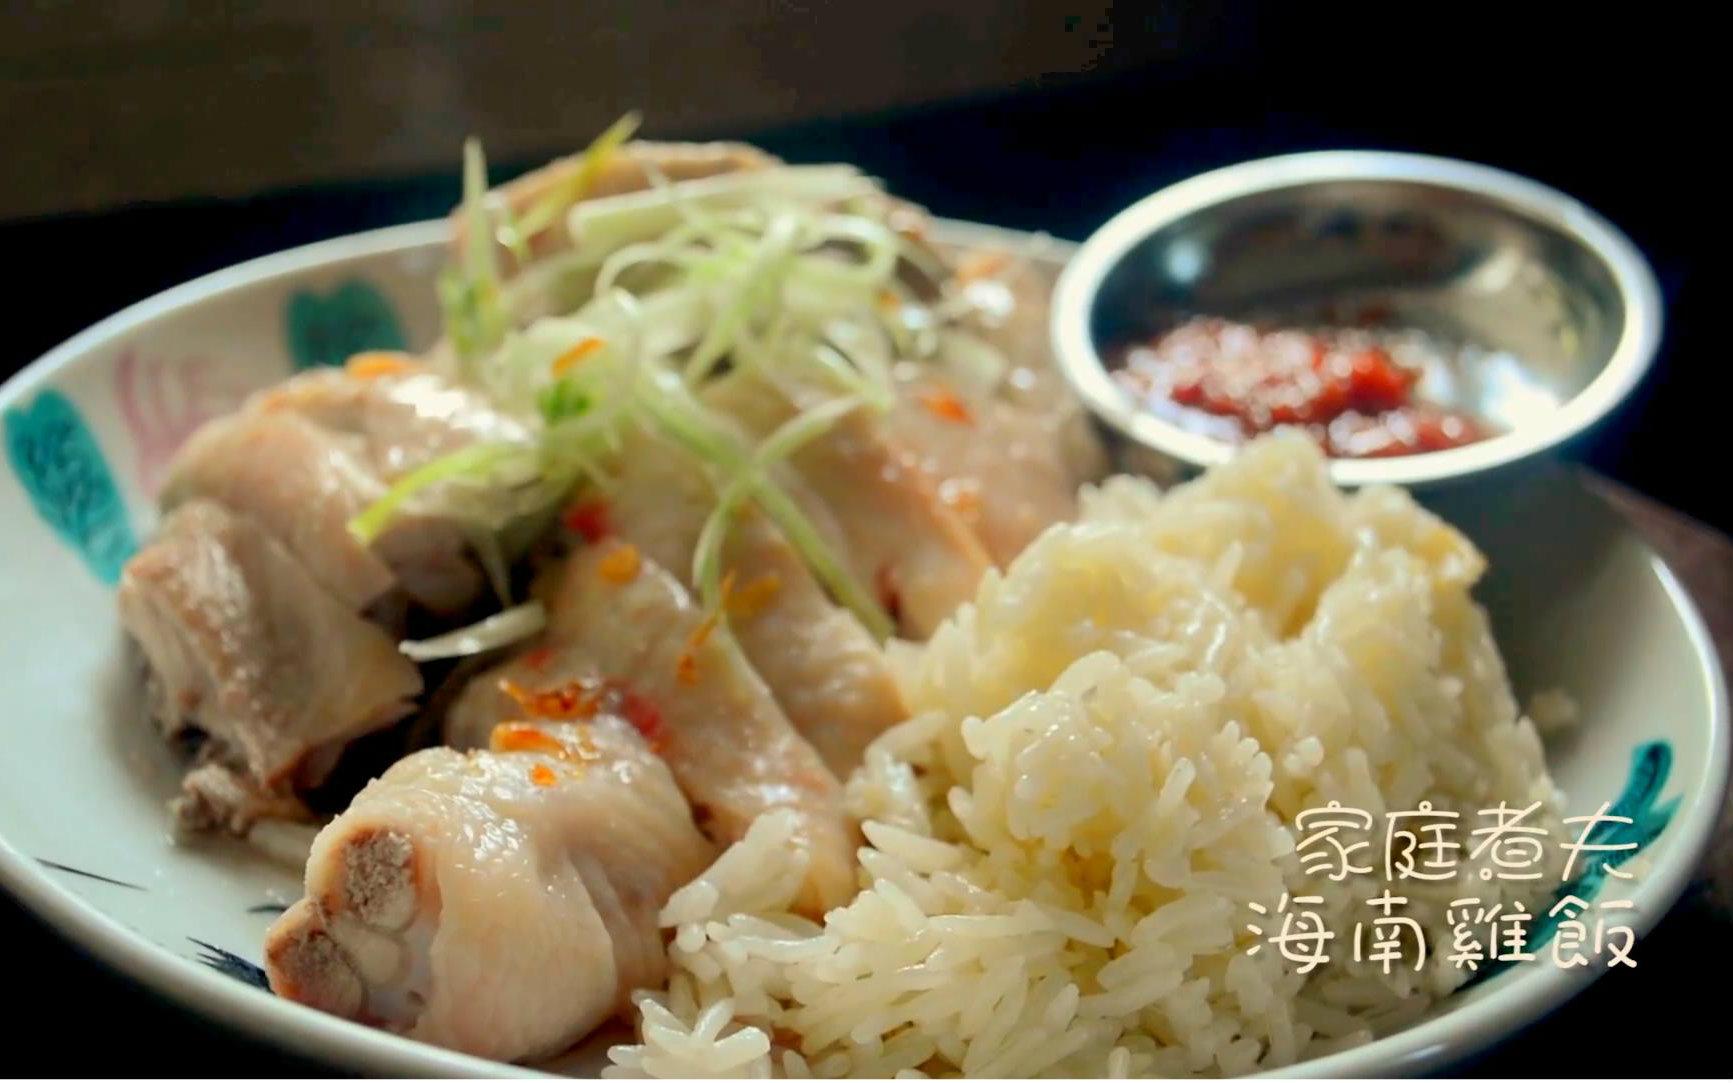 【家庭煮夫】海南鸡饭#特产美食##哔哩哔.来长沙视频美食图片